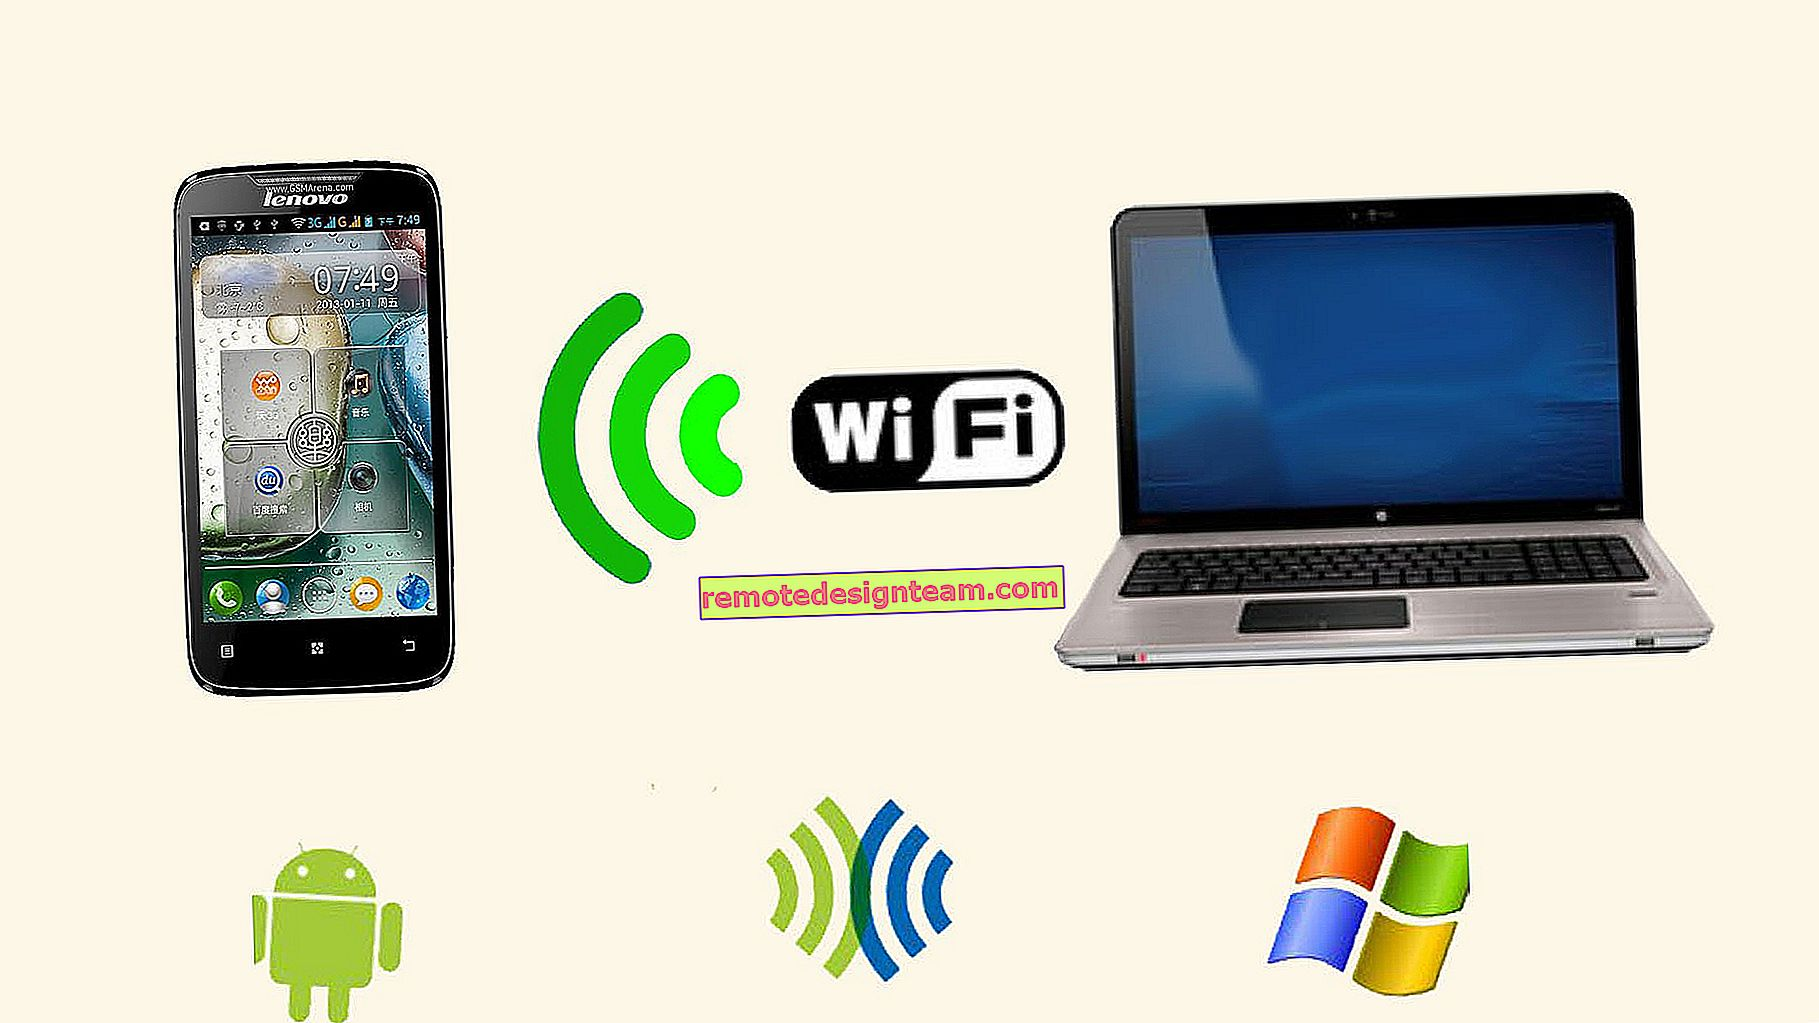 Автоматичний запуск роздачі Wi-Fi при включенні ноутбука